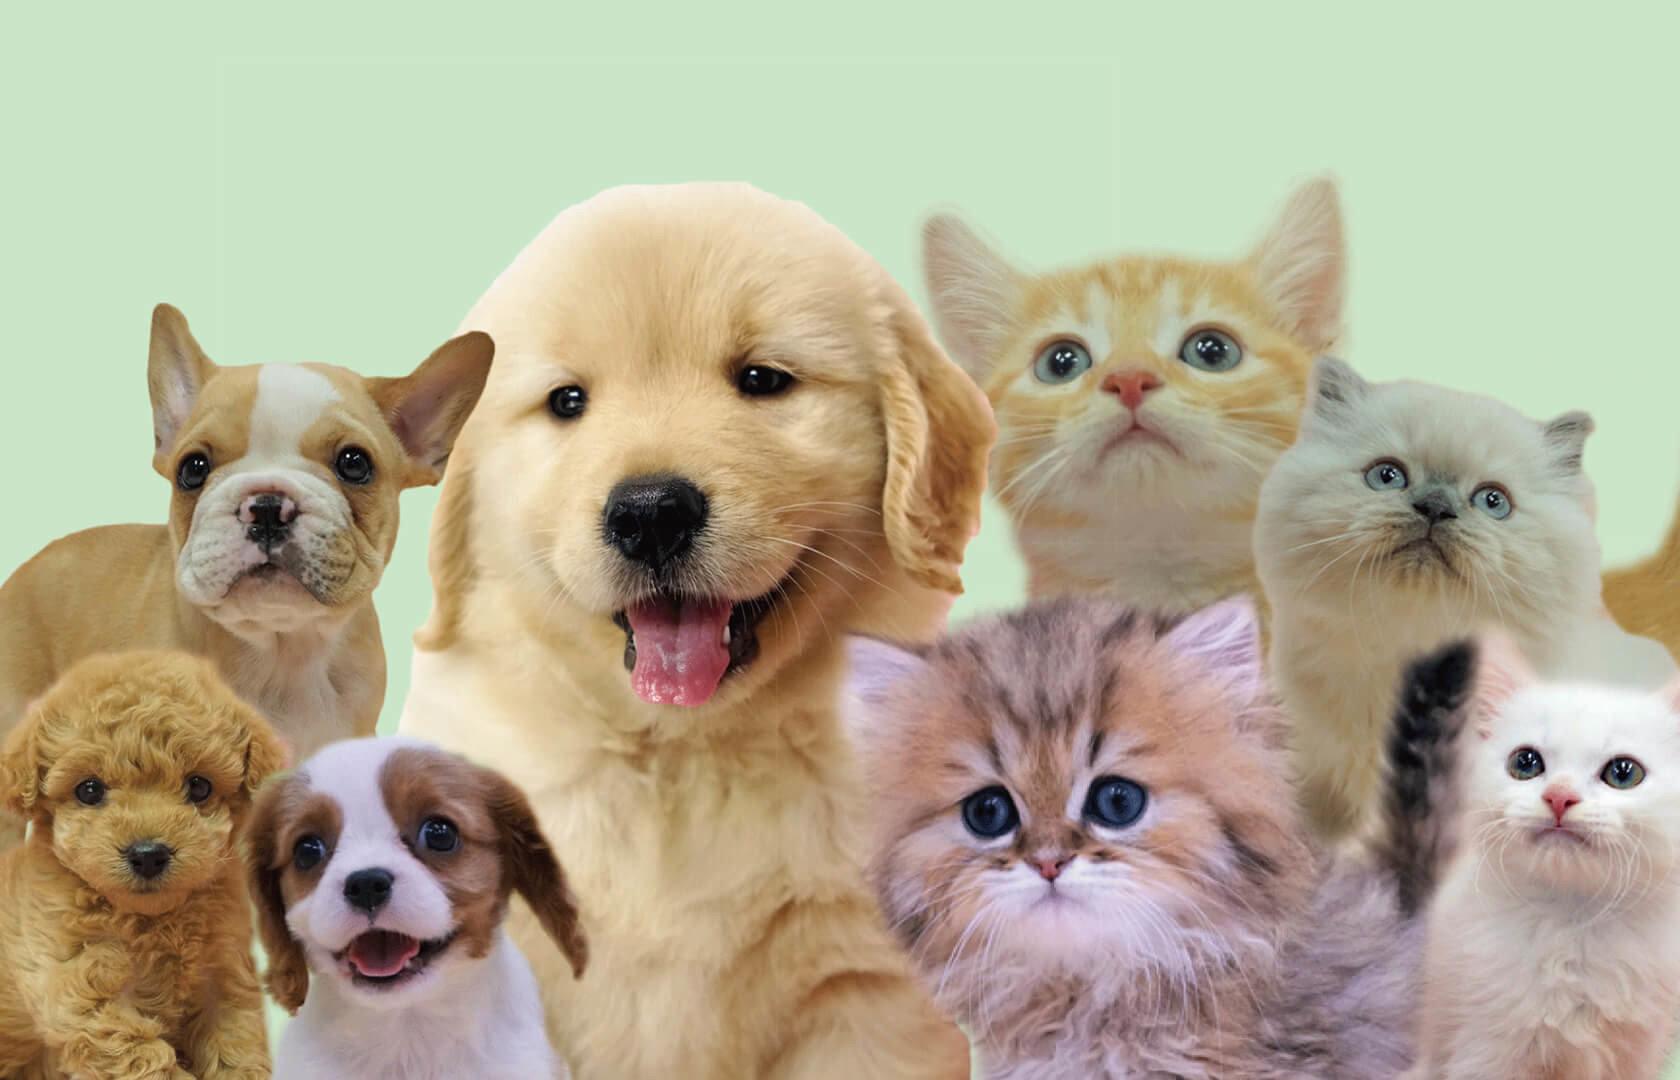 影響寵物健康的「蟲蟲危機」現代人喜歡飼養小貓、小狗來作伴,每隻寵物都是飼主心中的寶貝,寵物的身體健康絕對是飼主最在乎的事情之一。